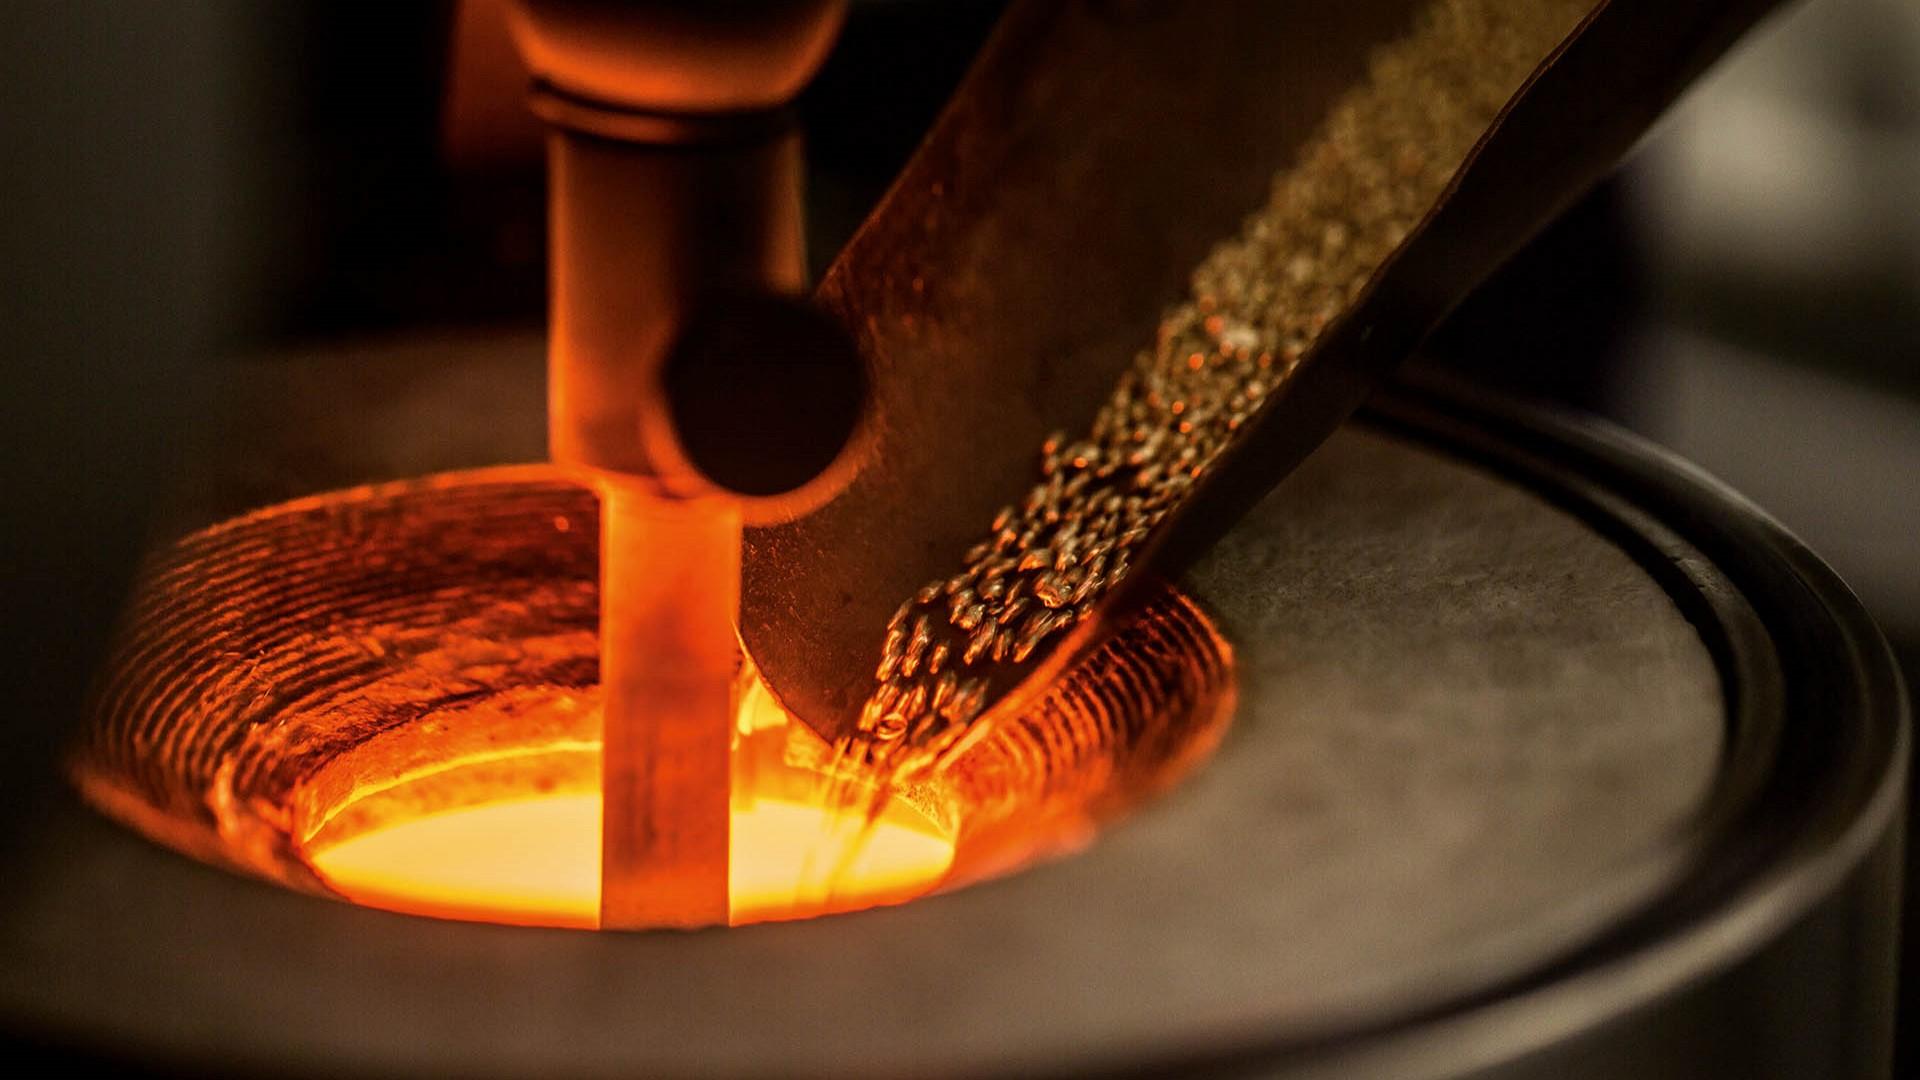 Goldschmelzerei von Chopard, Herstellung von Legierungen